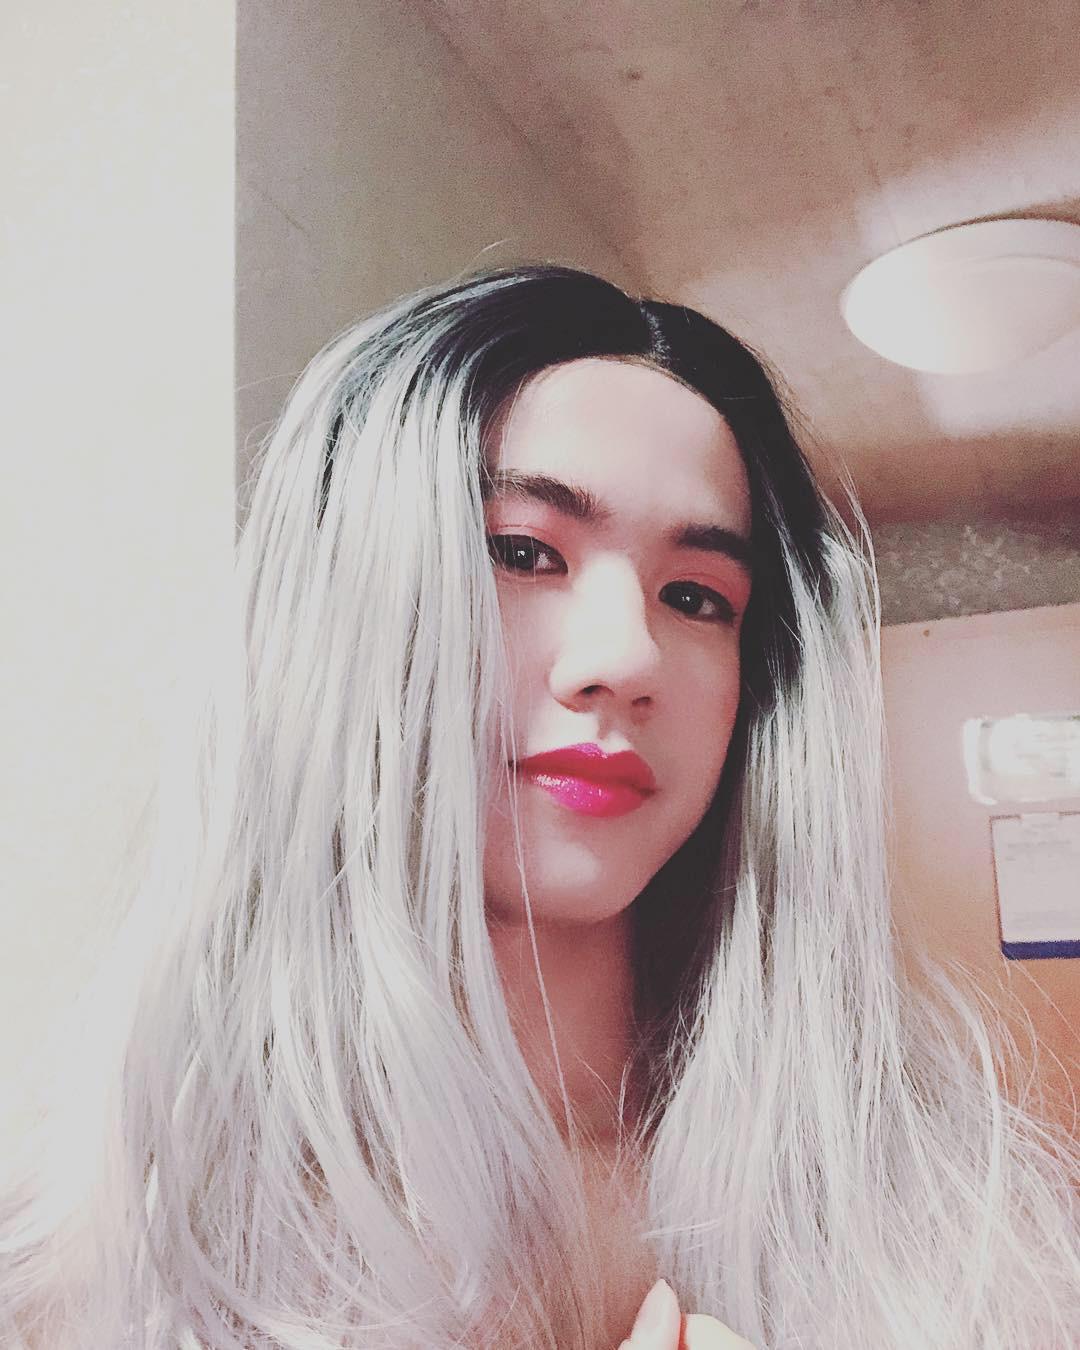 Giả gái xinh như con gái thật, nam du học sinh Việt điển trai ẵm giải Nhất cuộc thi hóa trang tại Thụy Sĩ - Ảnh 1.